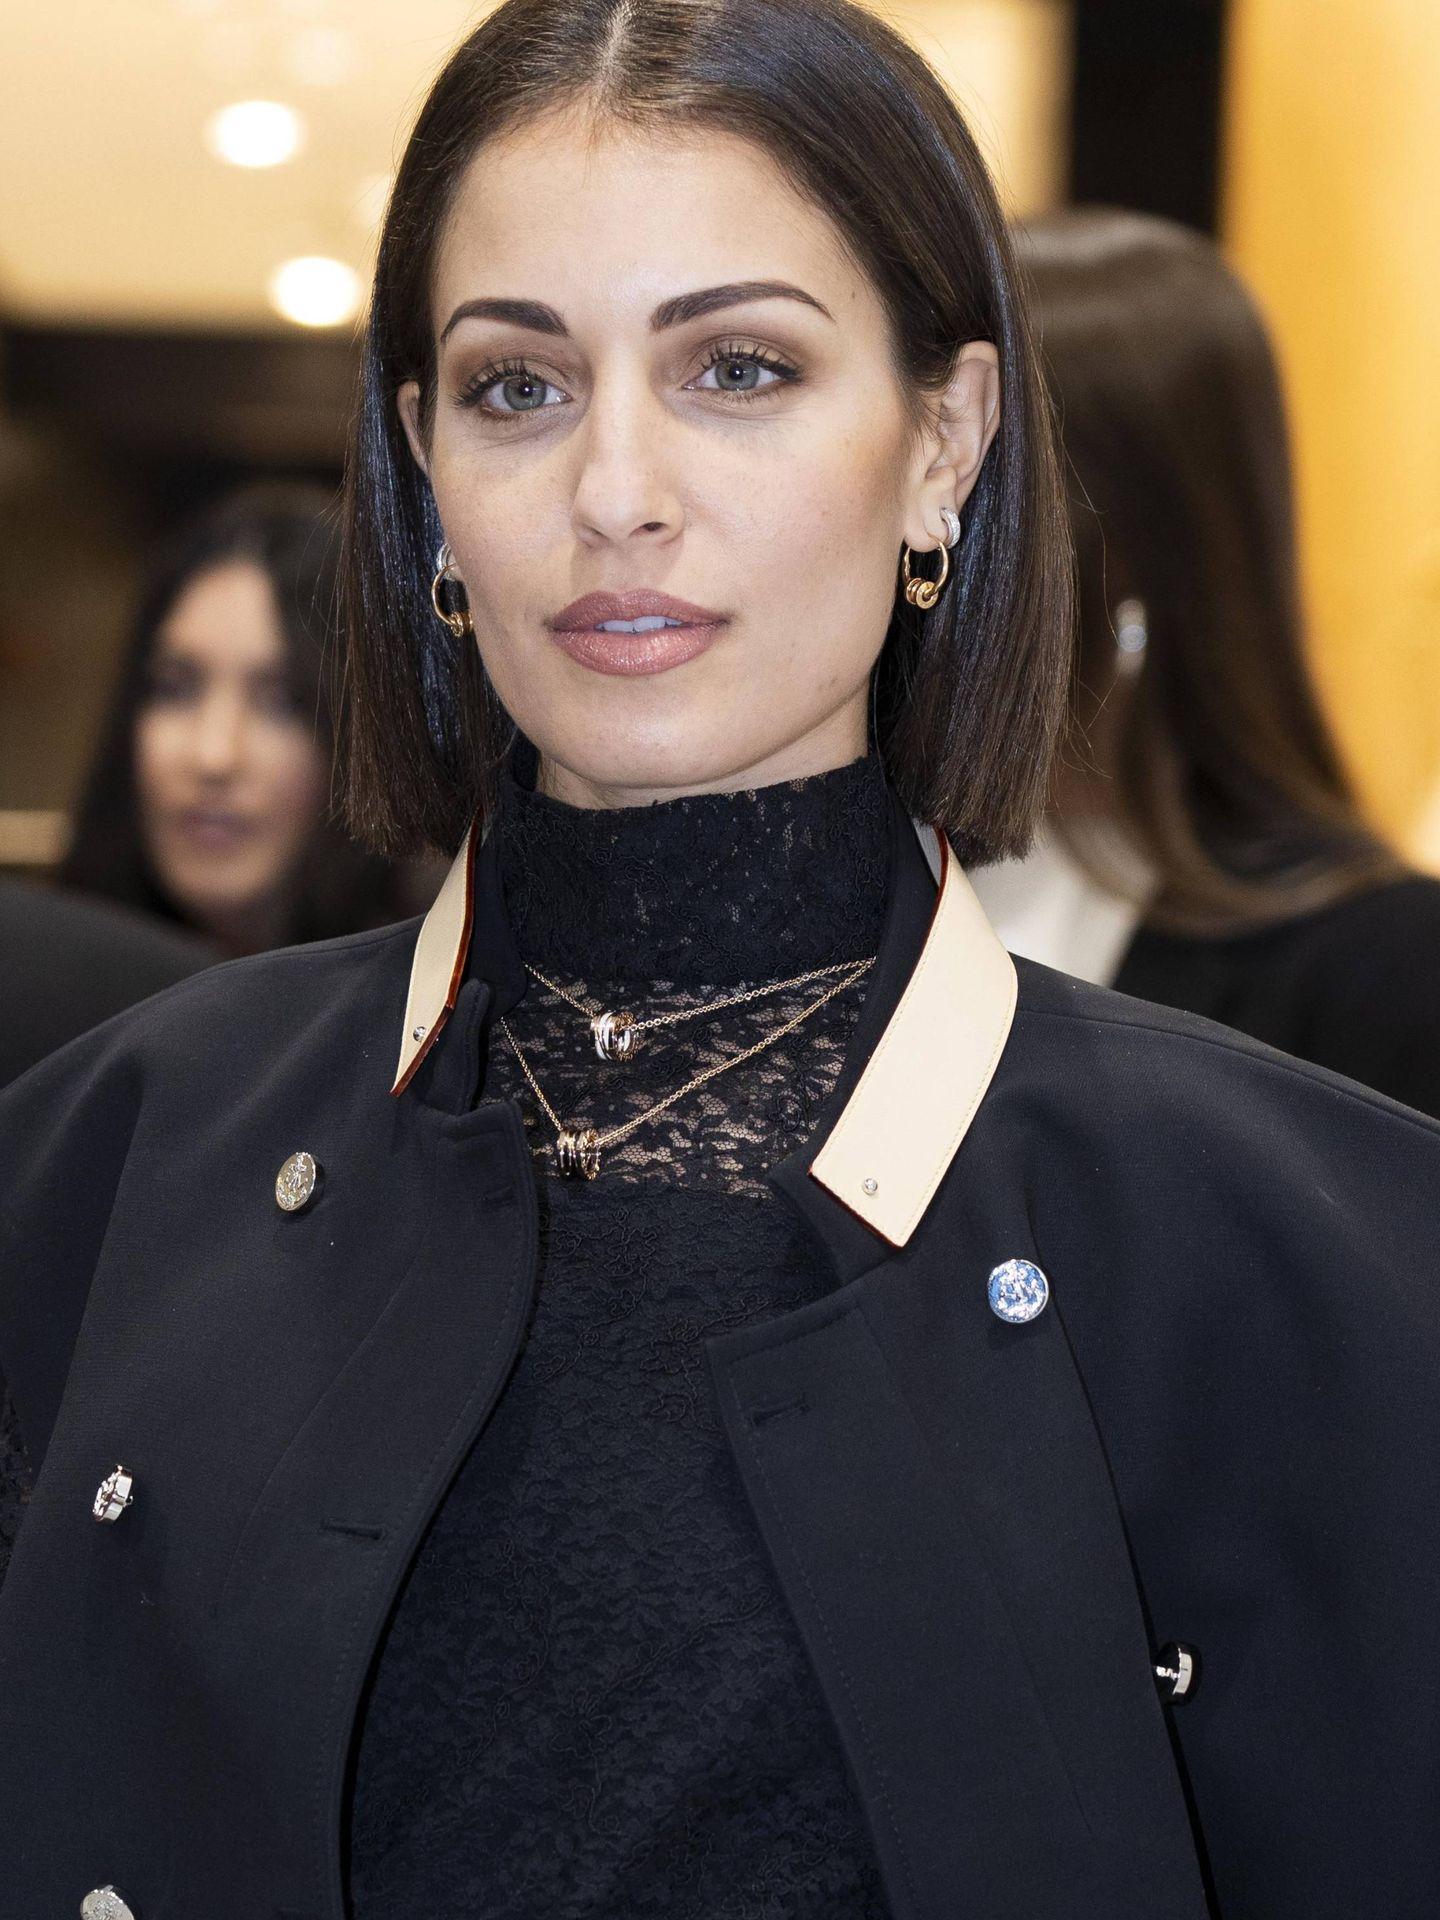 Hiba Abouk en una presentación de Bulgari con su corte de pelo actual.  (Cordon Press)